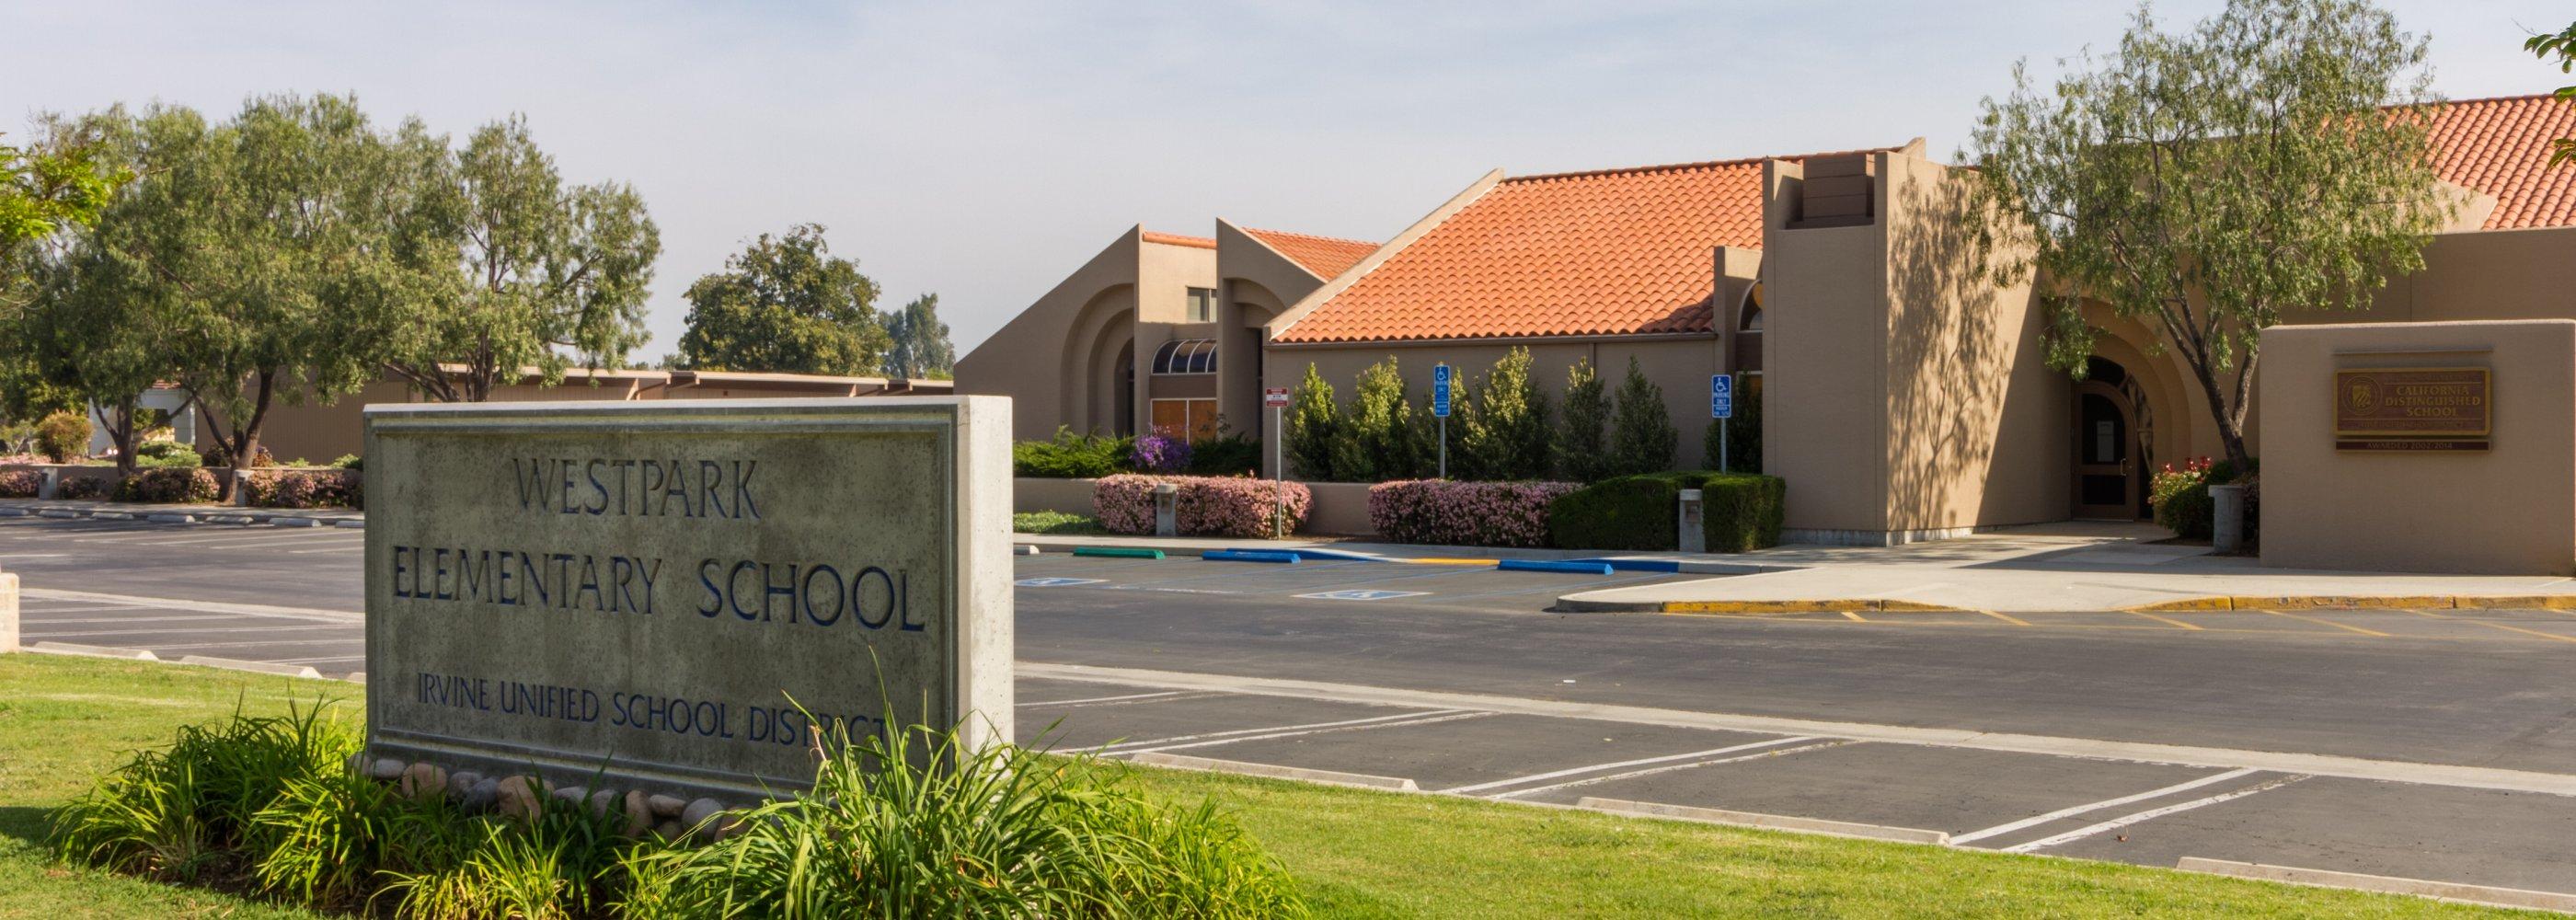 front of westpark school